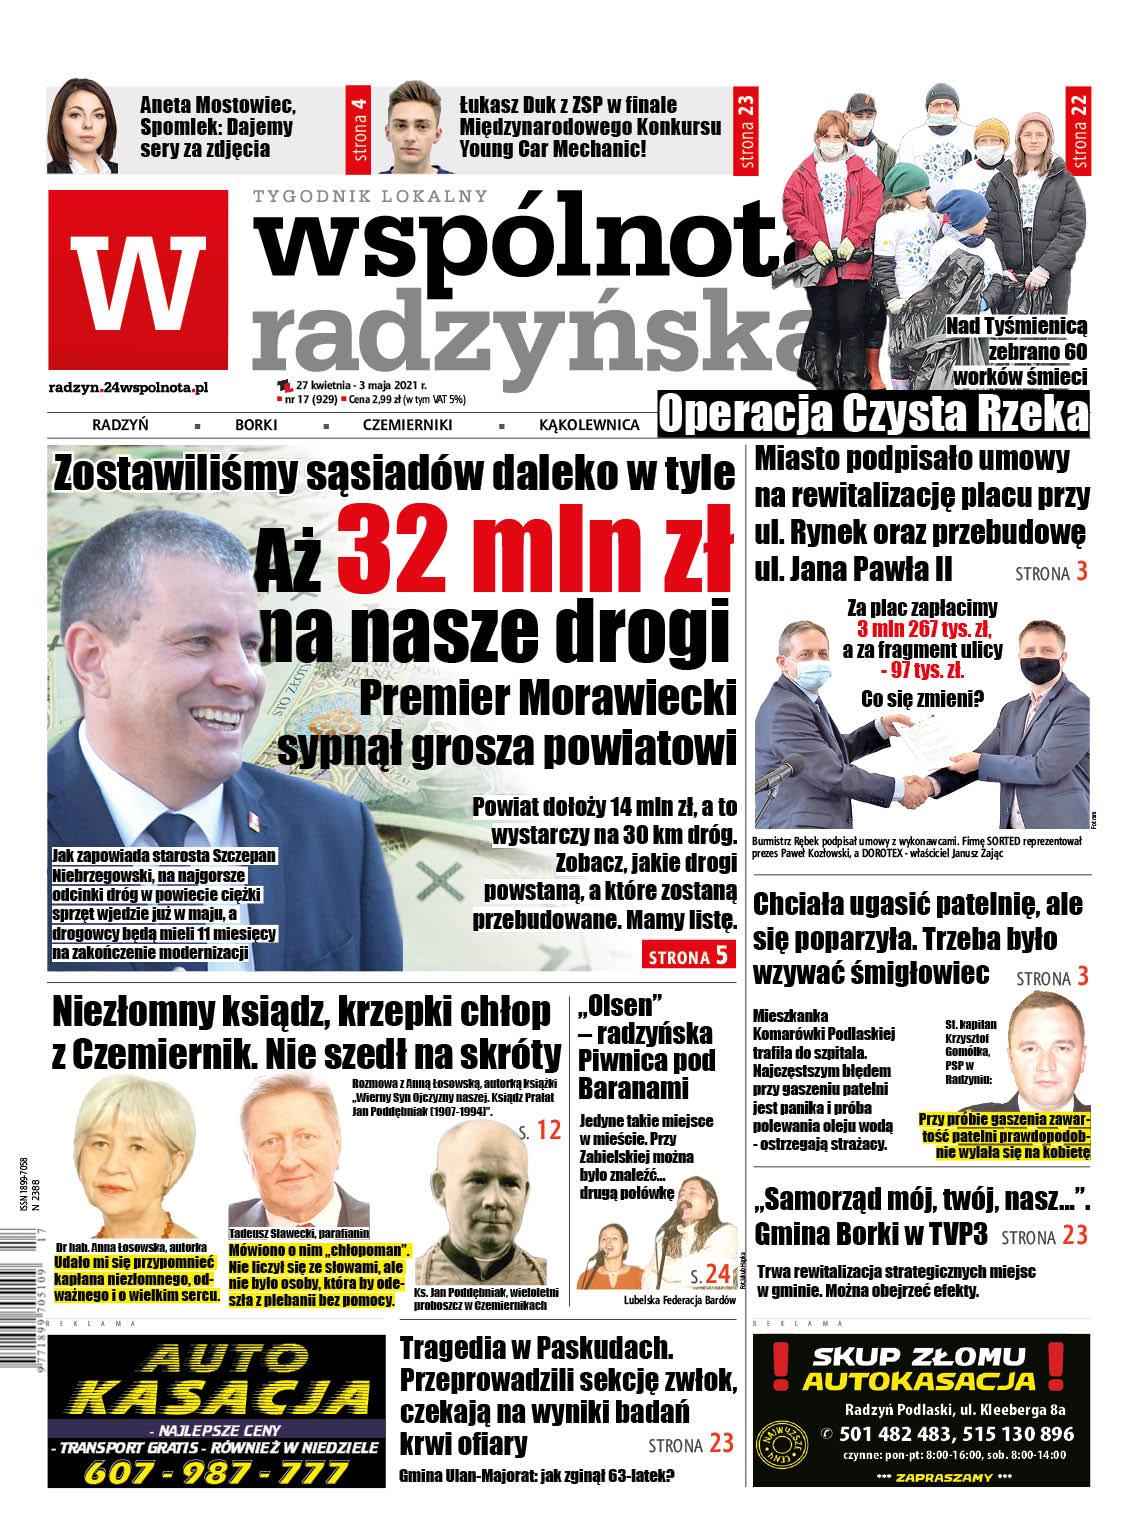 Powiat radzyński: 32 mln zł na 30 km dróg. Premier Morawiecki sypnął grosza powiatowi - Zdjęcie główne